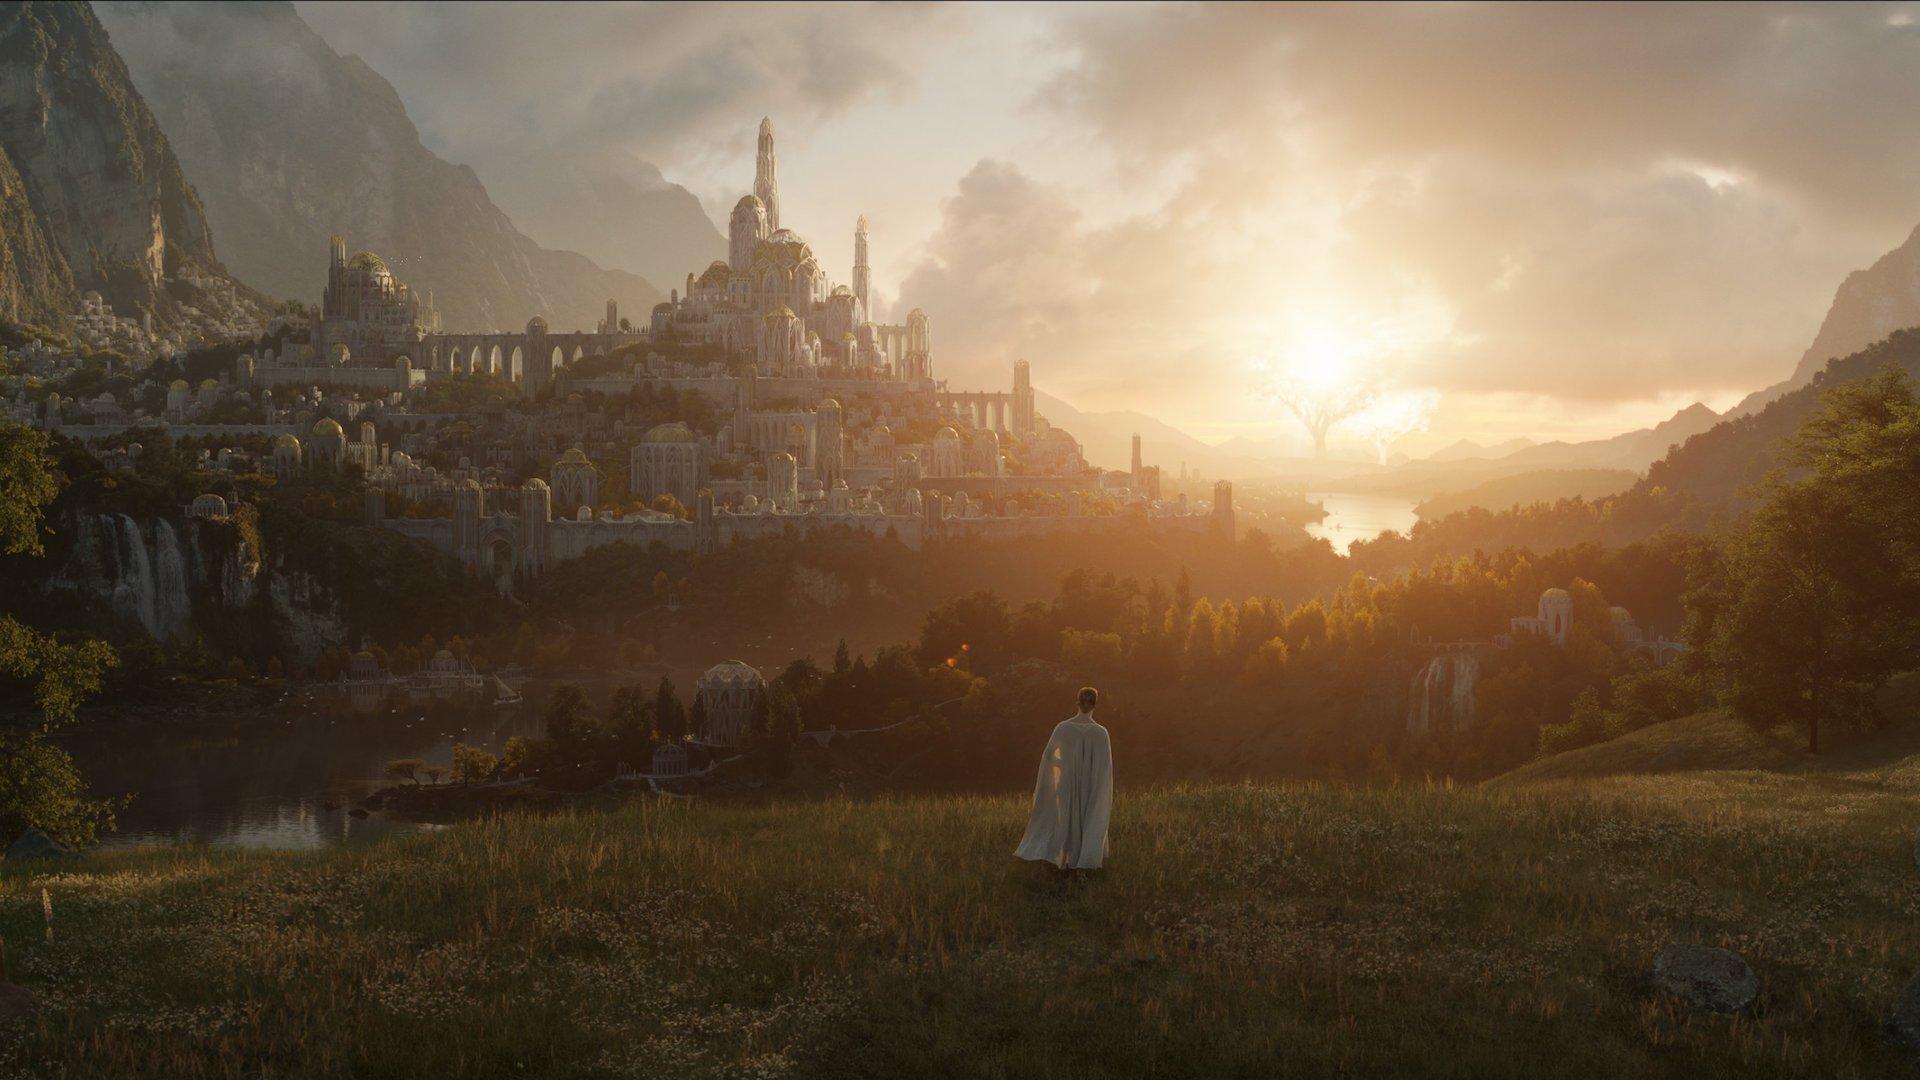 Le Seigneur des anneaux : synopsis, date de sortie... tout ce que l'on sait sur la future série d'Amazon